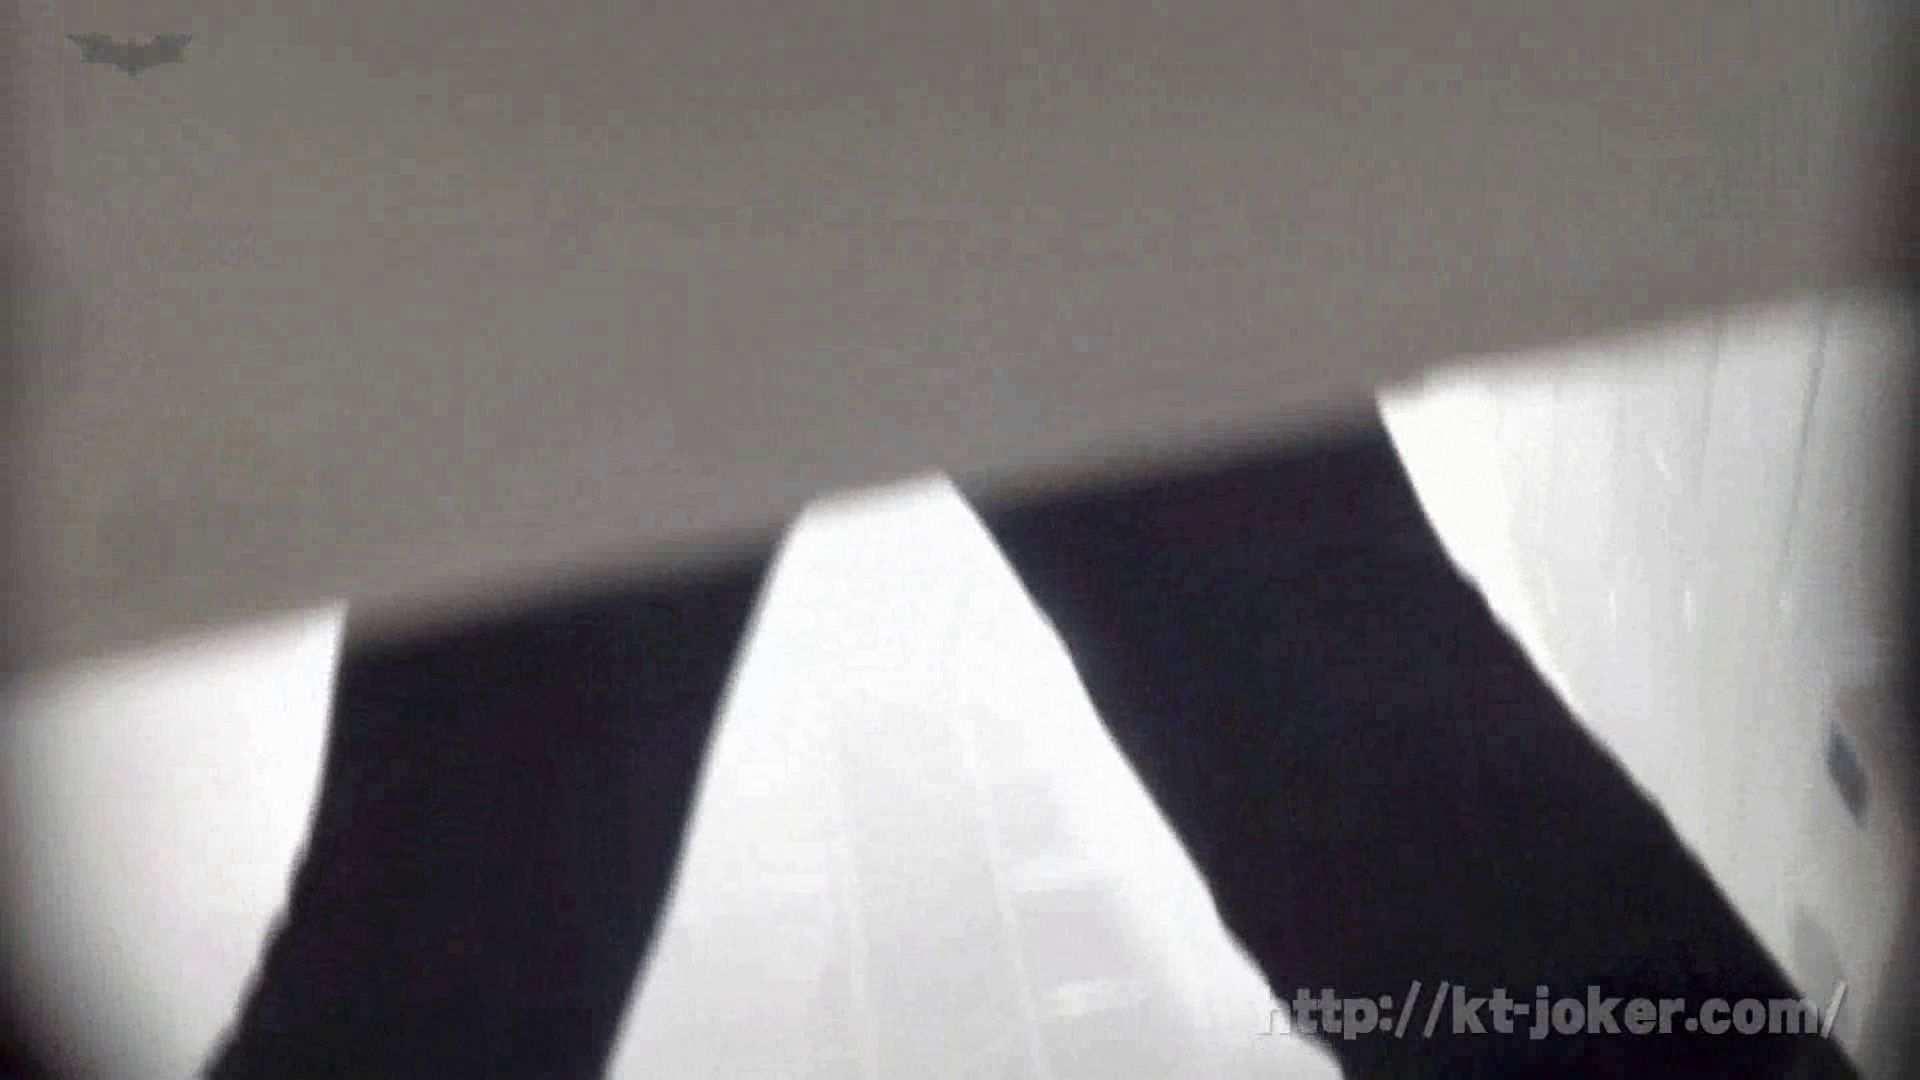 命がけ潜伏洗面所! vol.72 貴重すぎ、二子登場!! 洗面所突入 AV無料 72pic 44